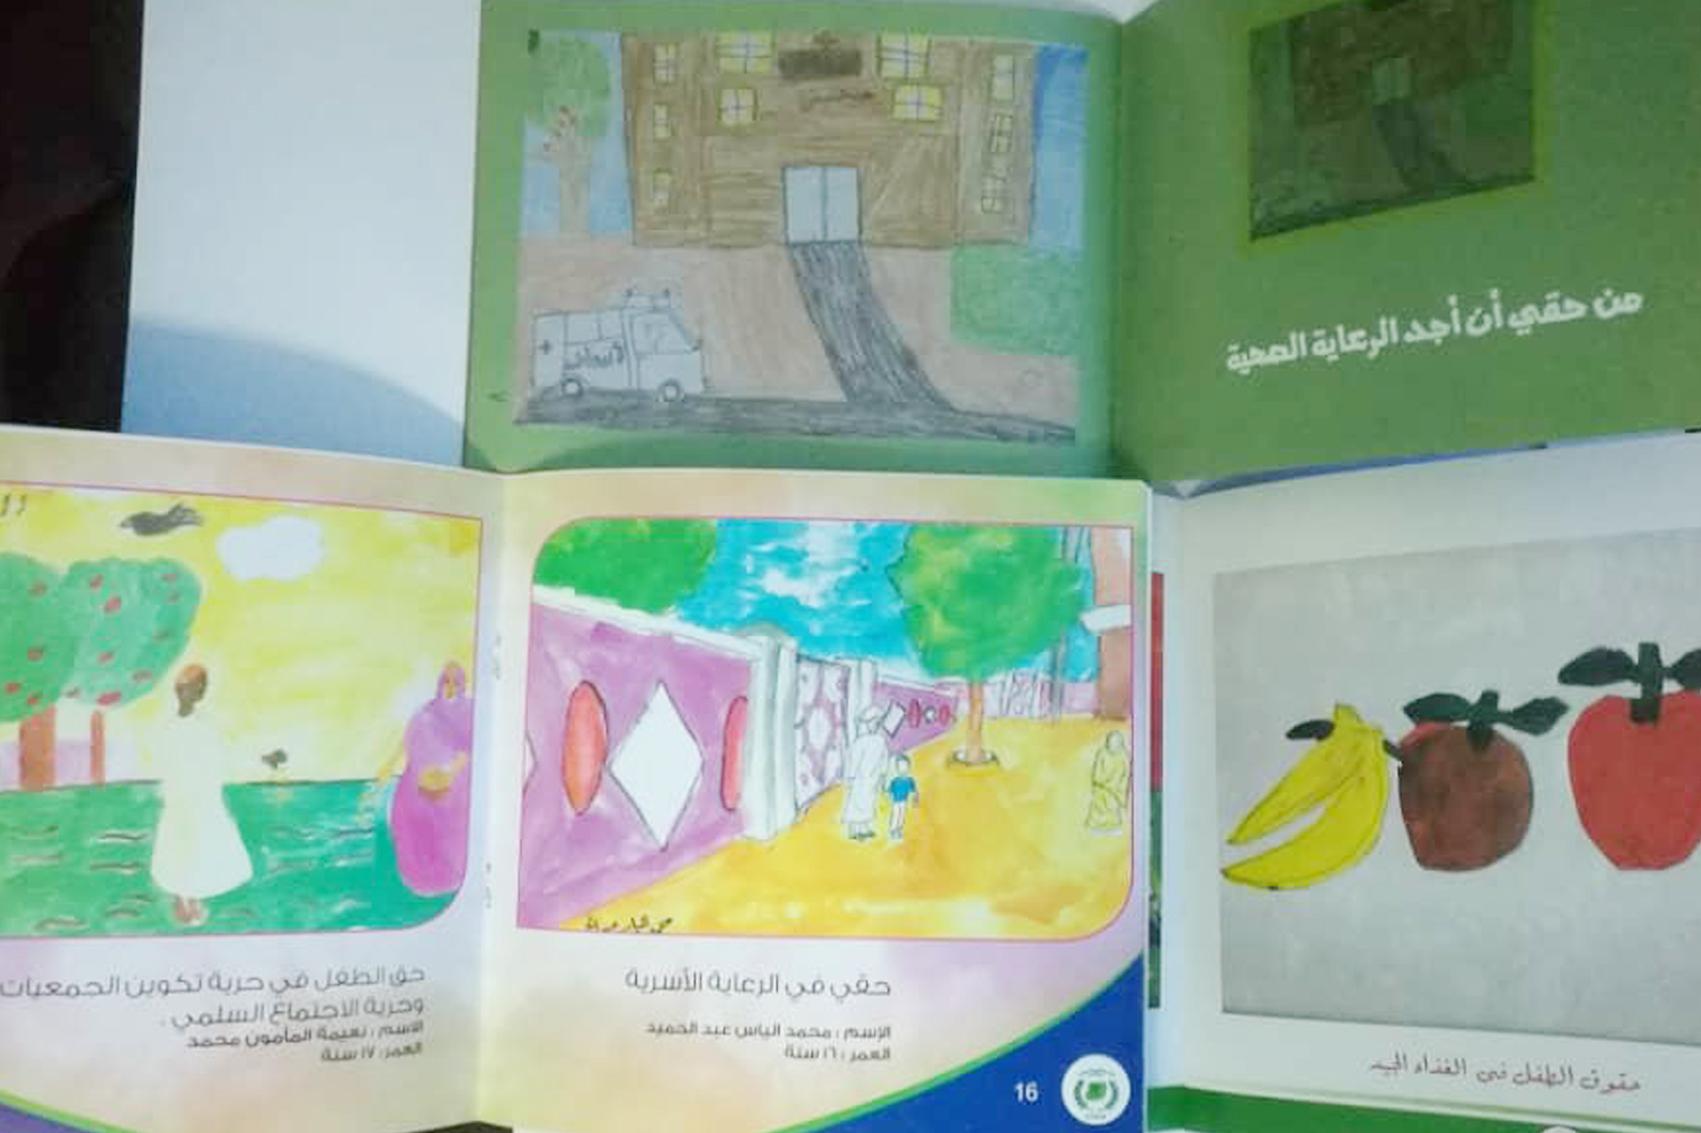 كاتالوج لرسومات الأطفال الصم في السودان